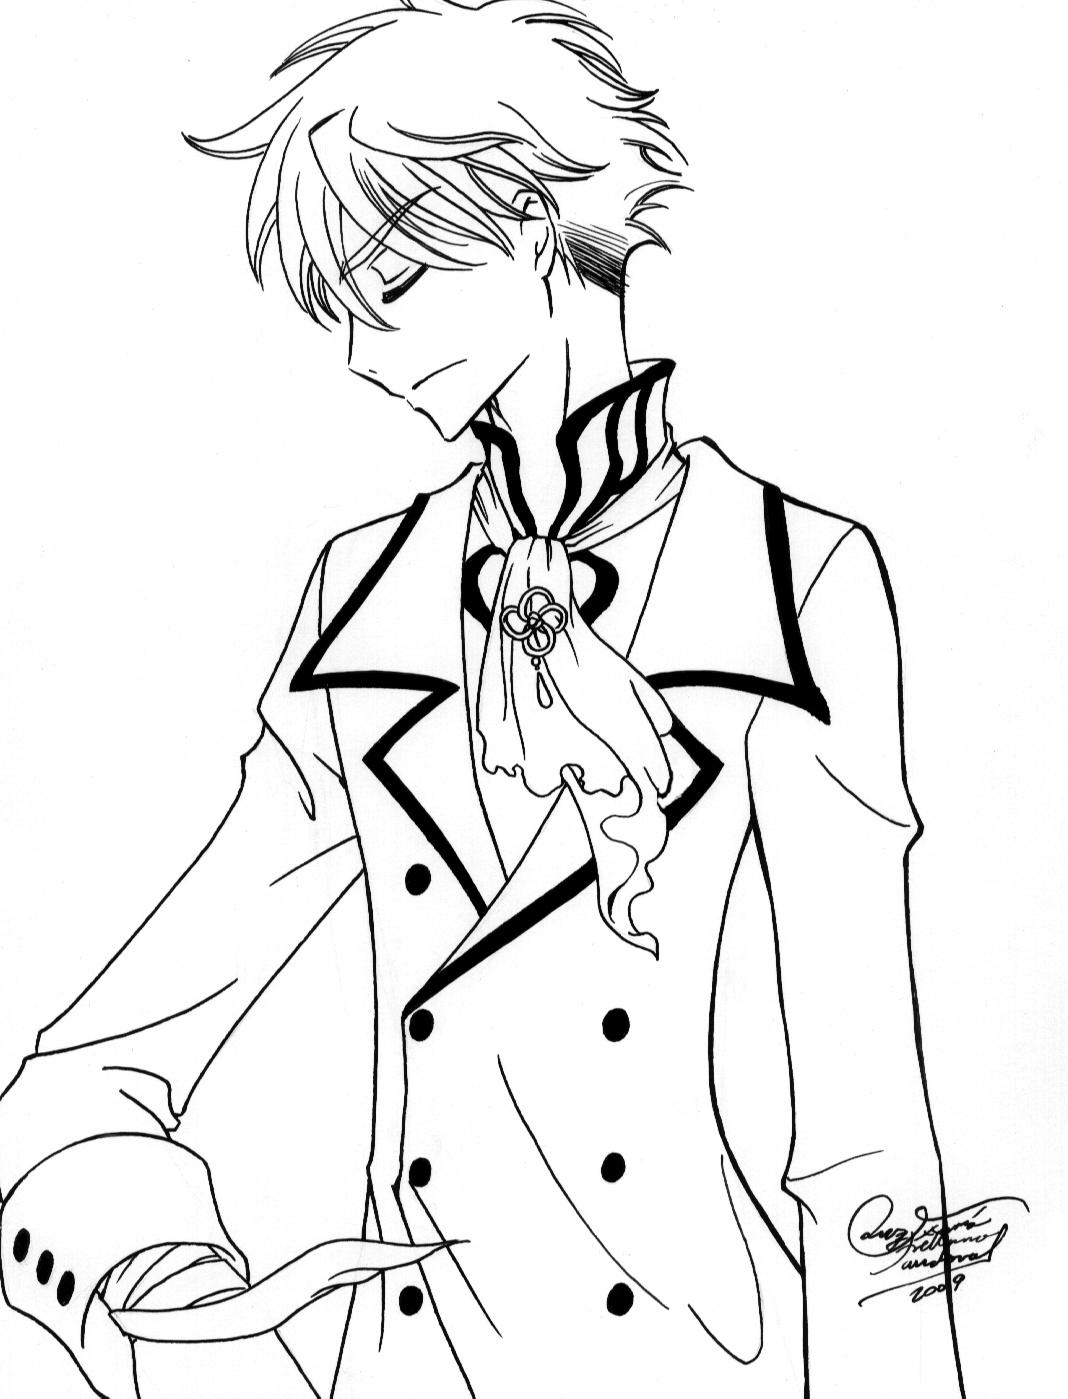 Hermosa Chico De Anime Para Colorear Composición - Dibujos Para ...